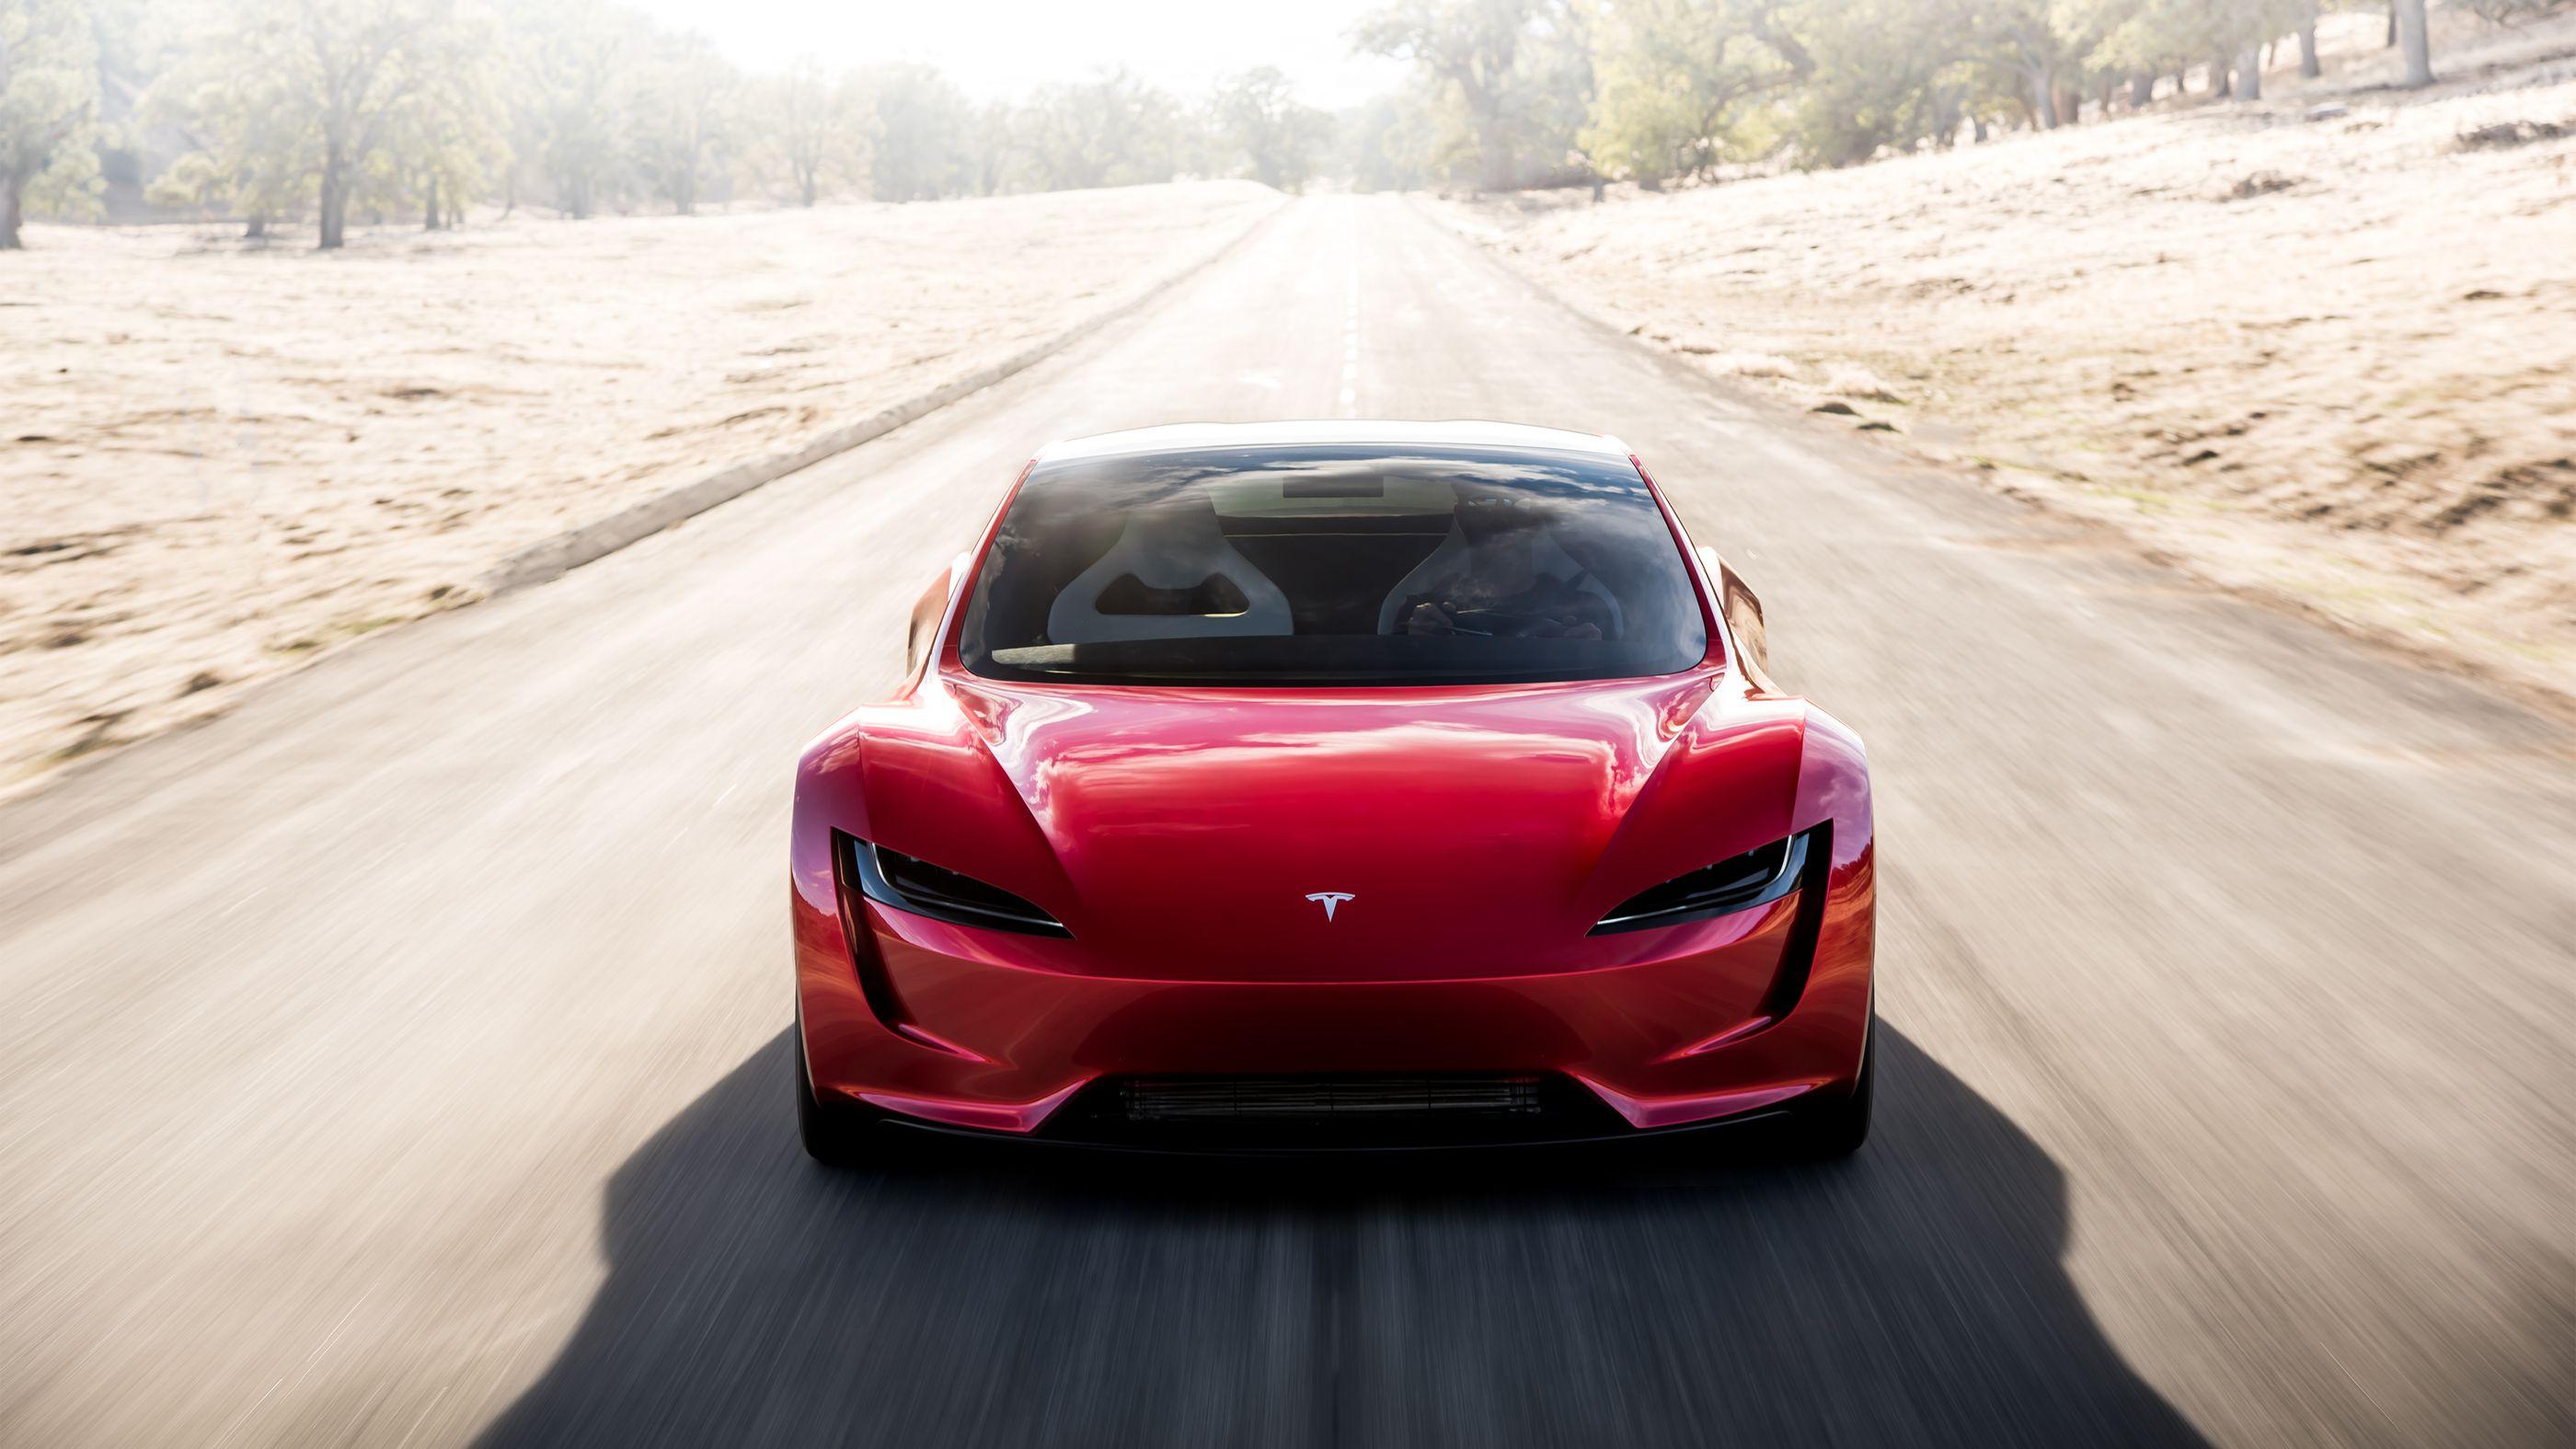 Elon Musk précise le calendrier Tesla : nouvelle Model S en 2020, Roadster en 2021